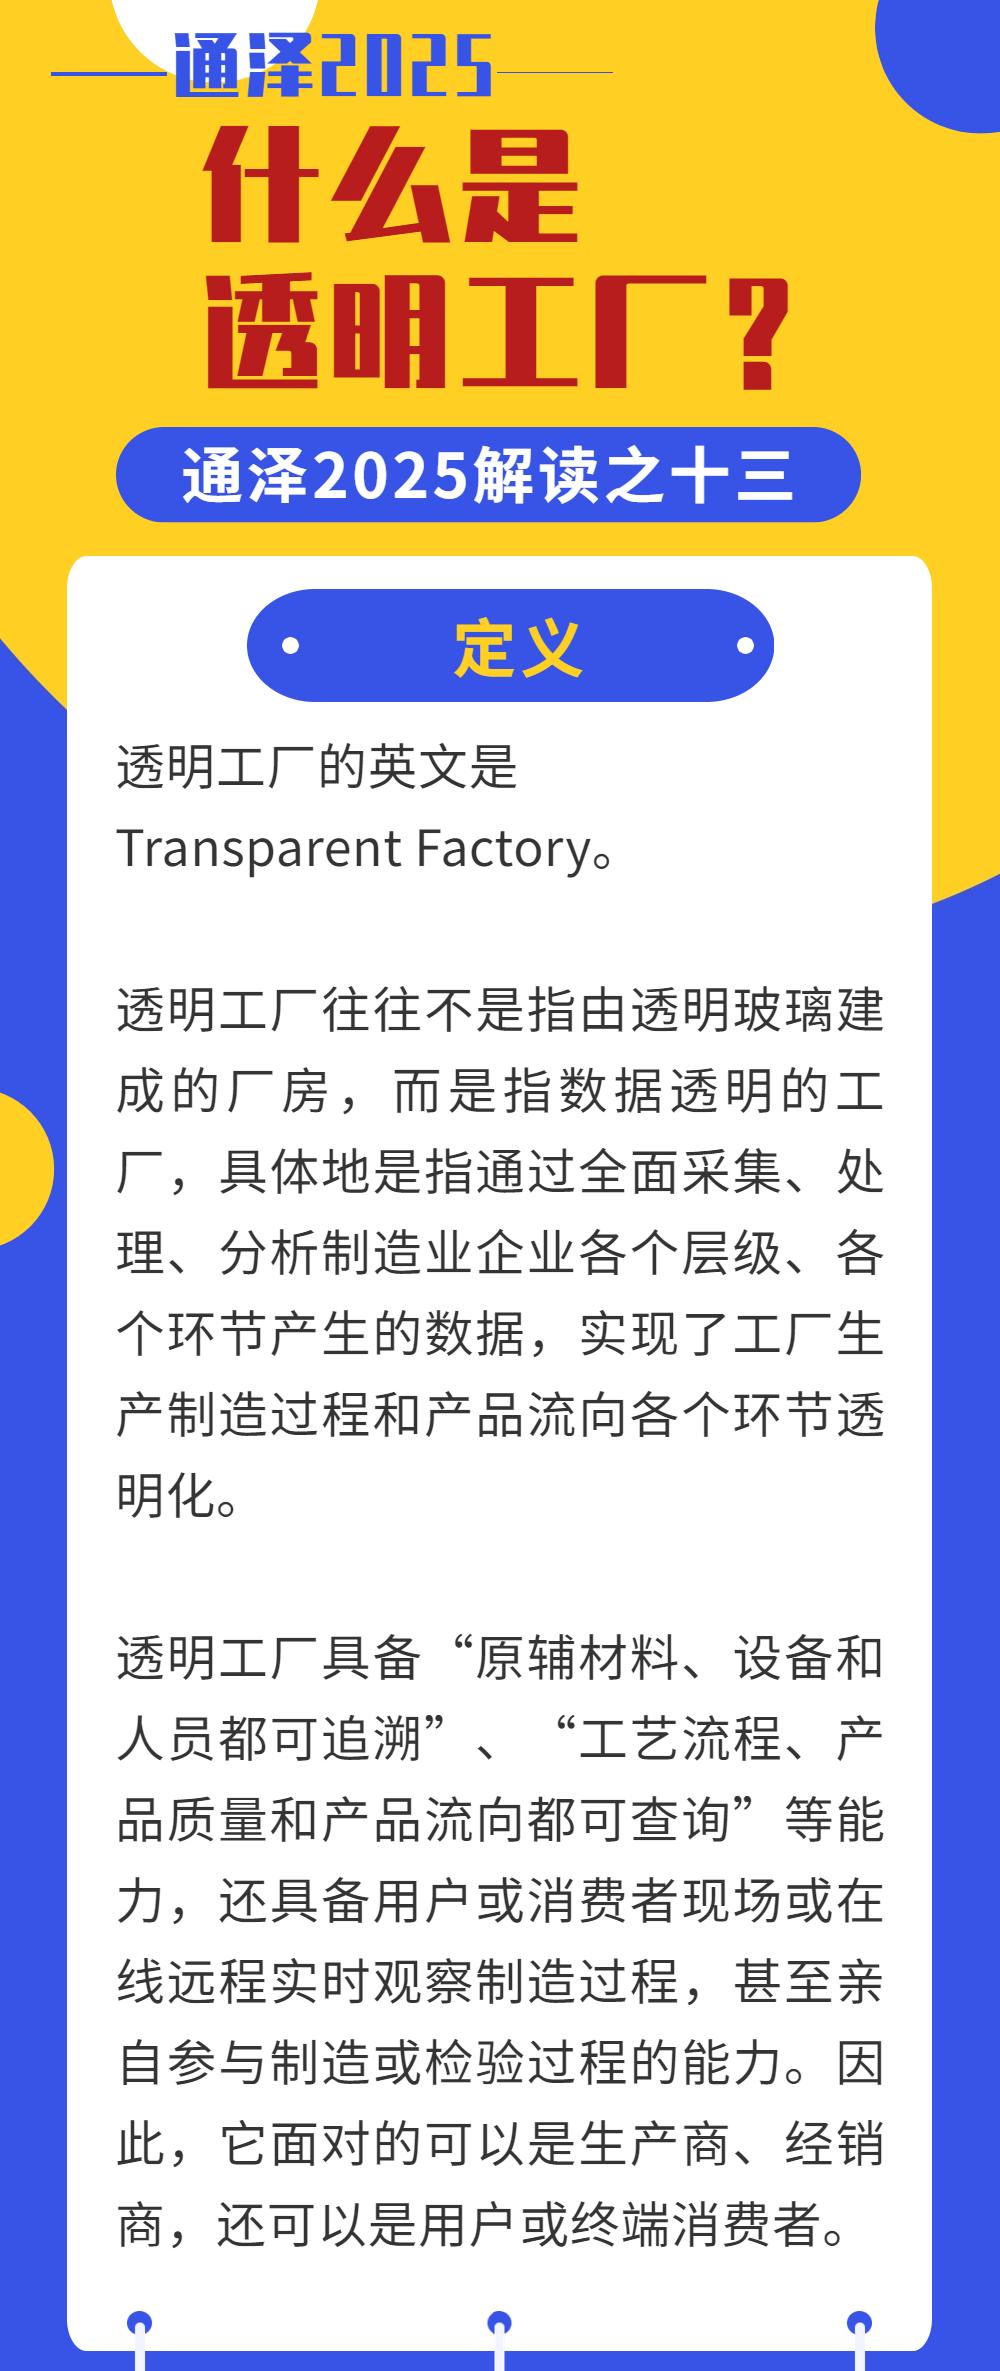 什么是透明工厂?——通泽2025解读之十三